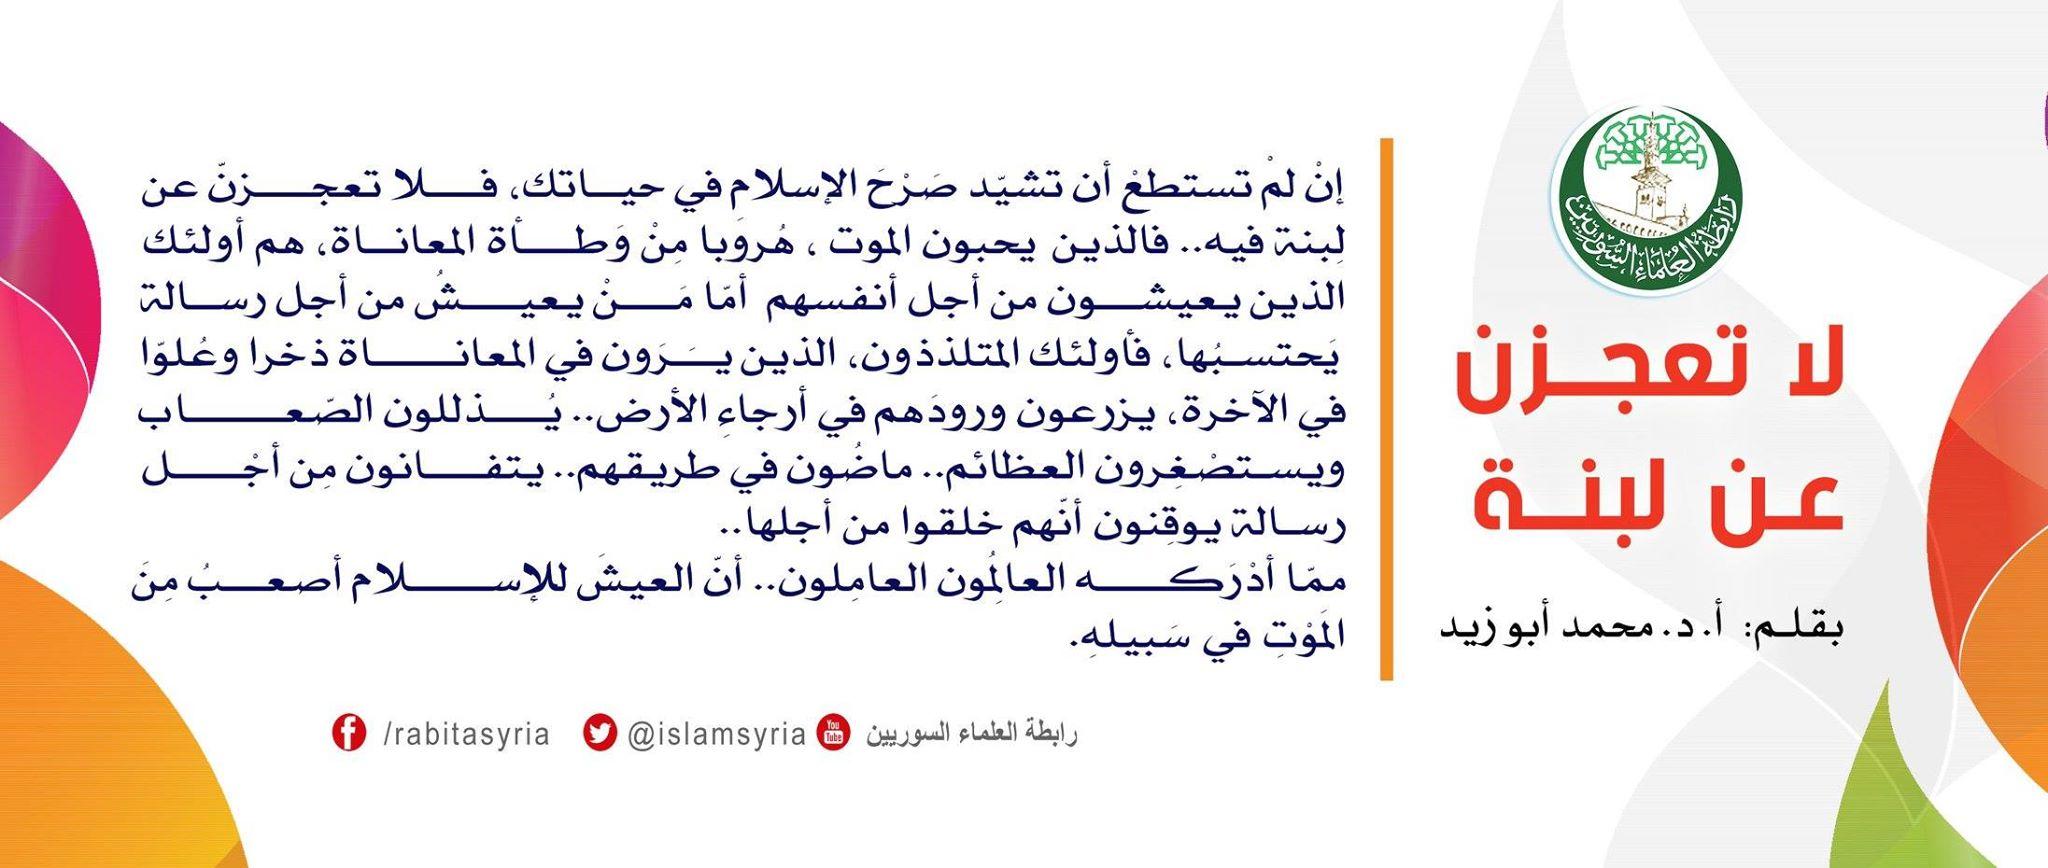 لا تعجزن عن لبنة||أ.د محمد أبو زيد